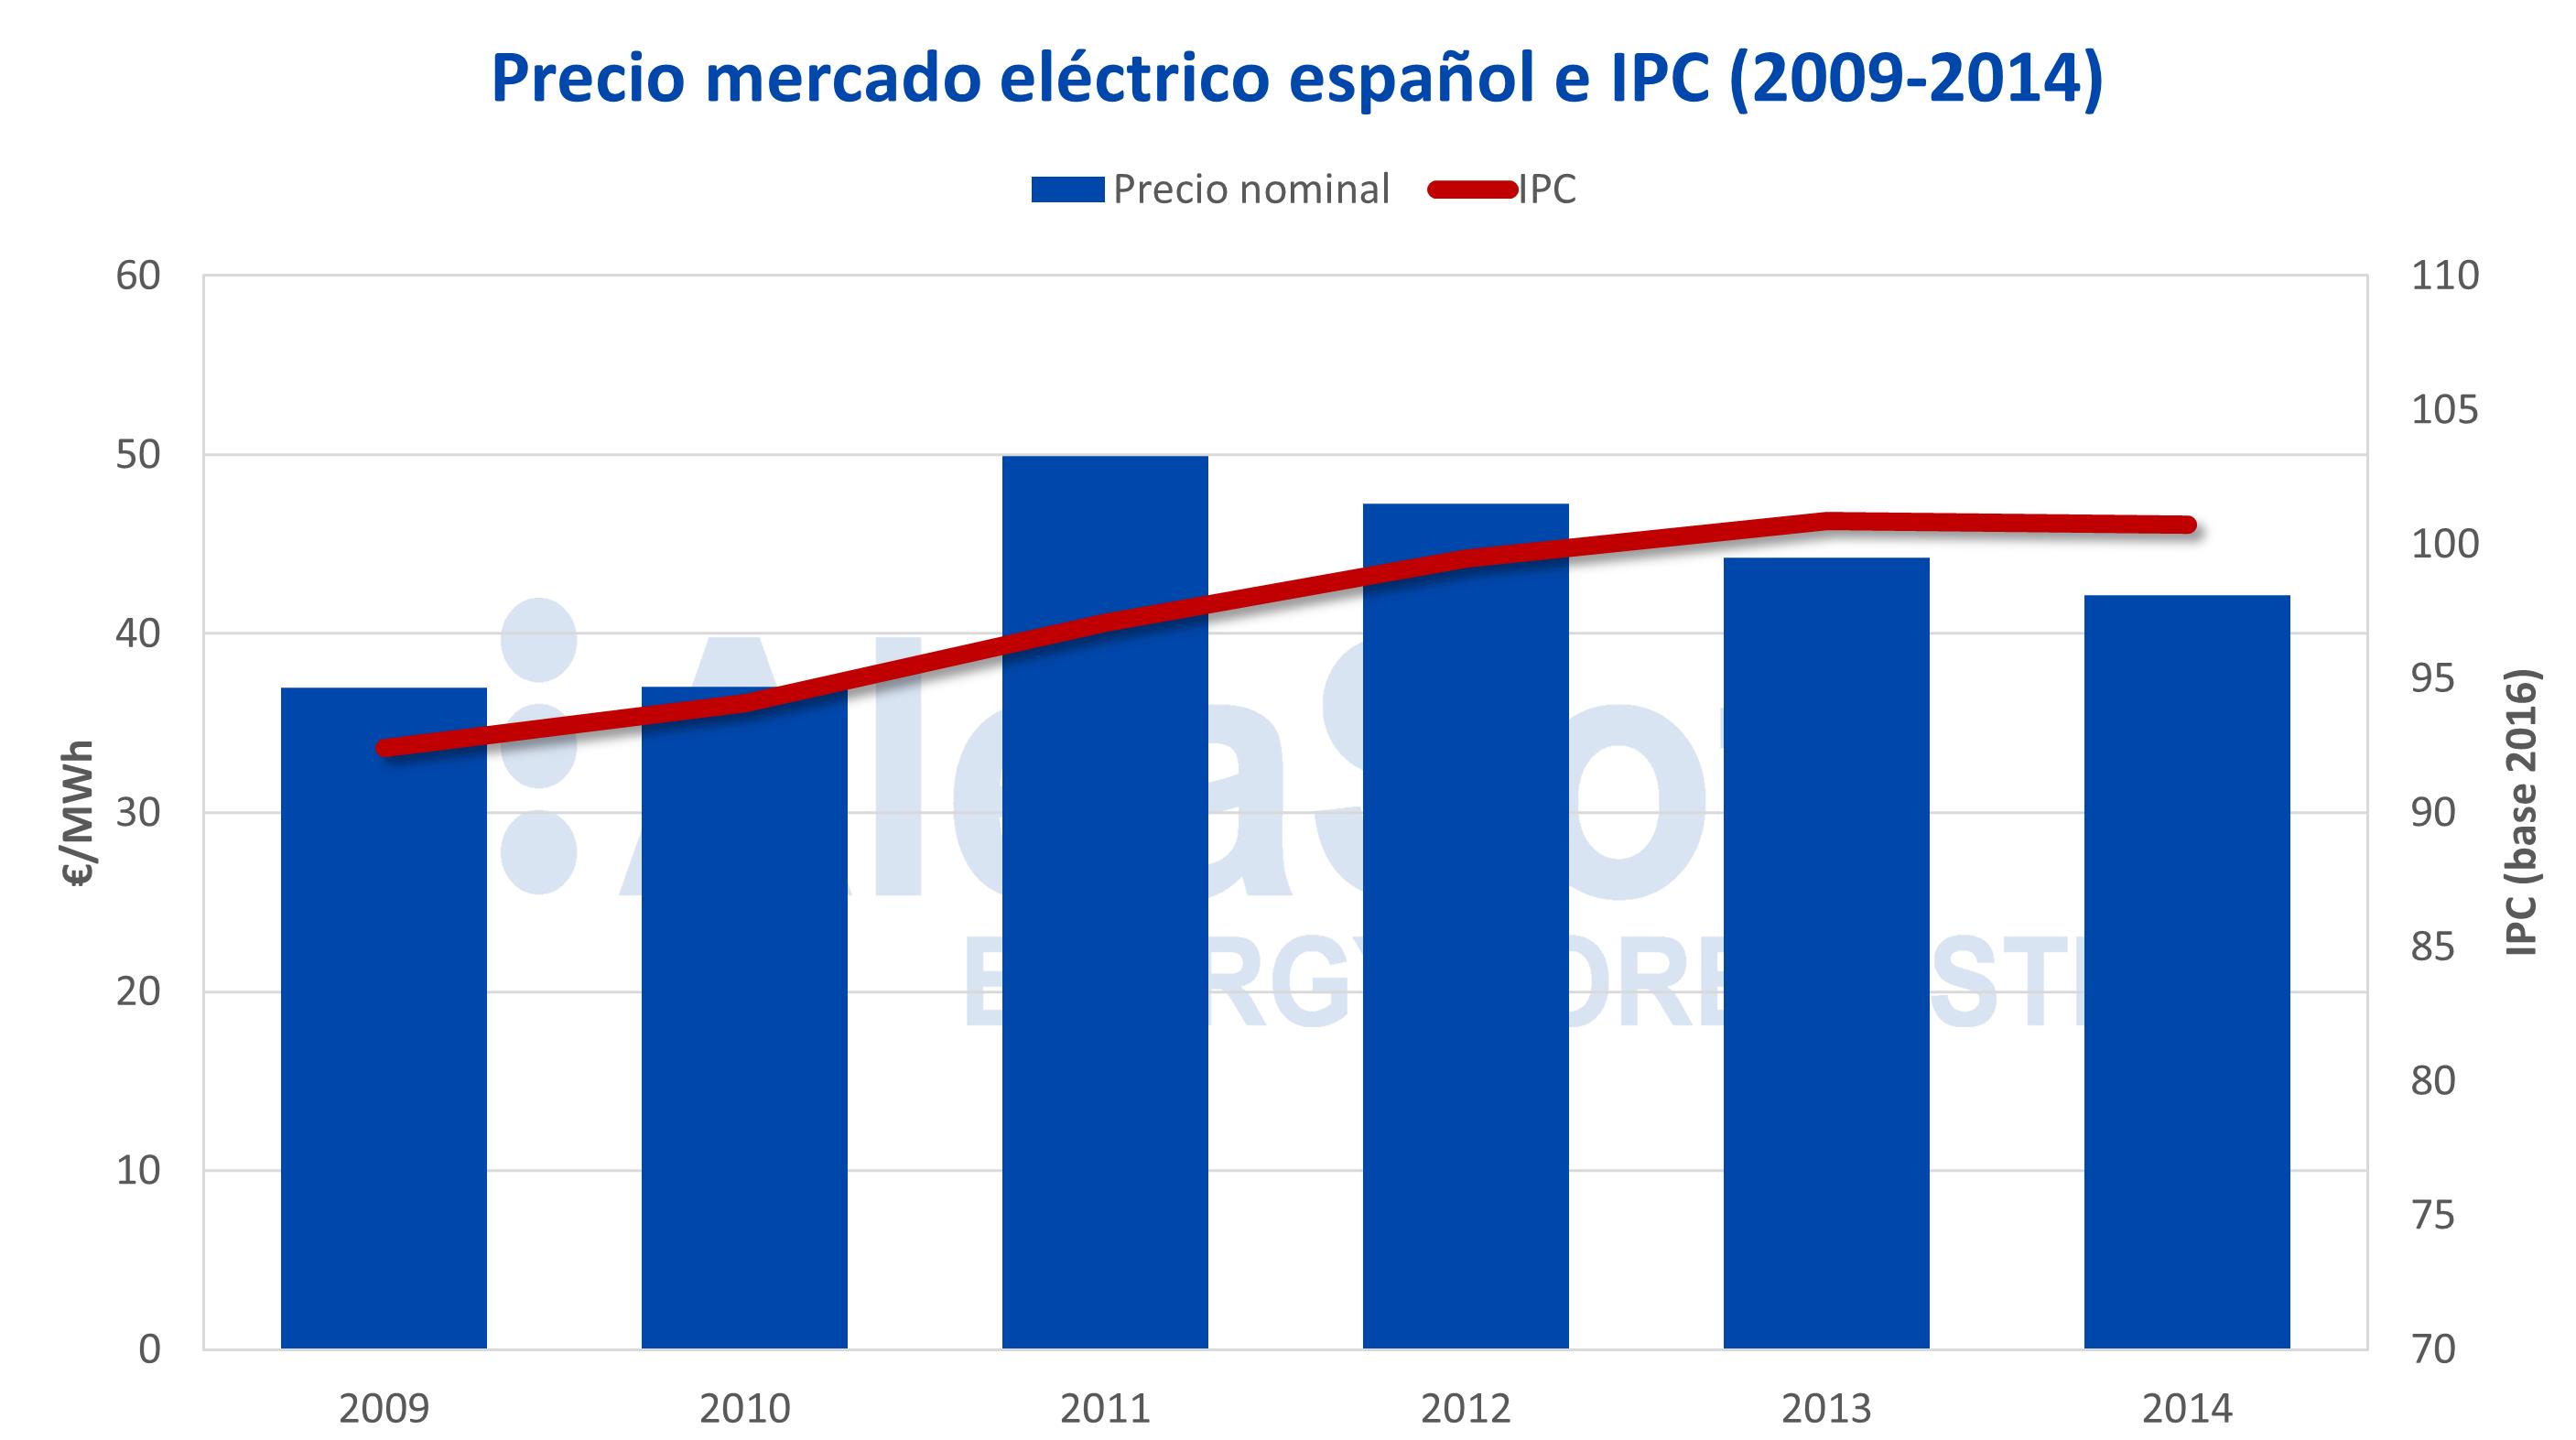 AleaSoft - Precio mercado eléctrico español e IPC